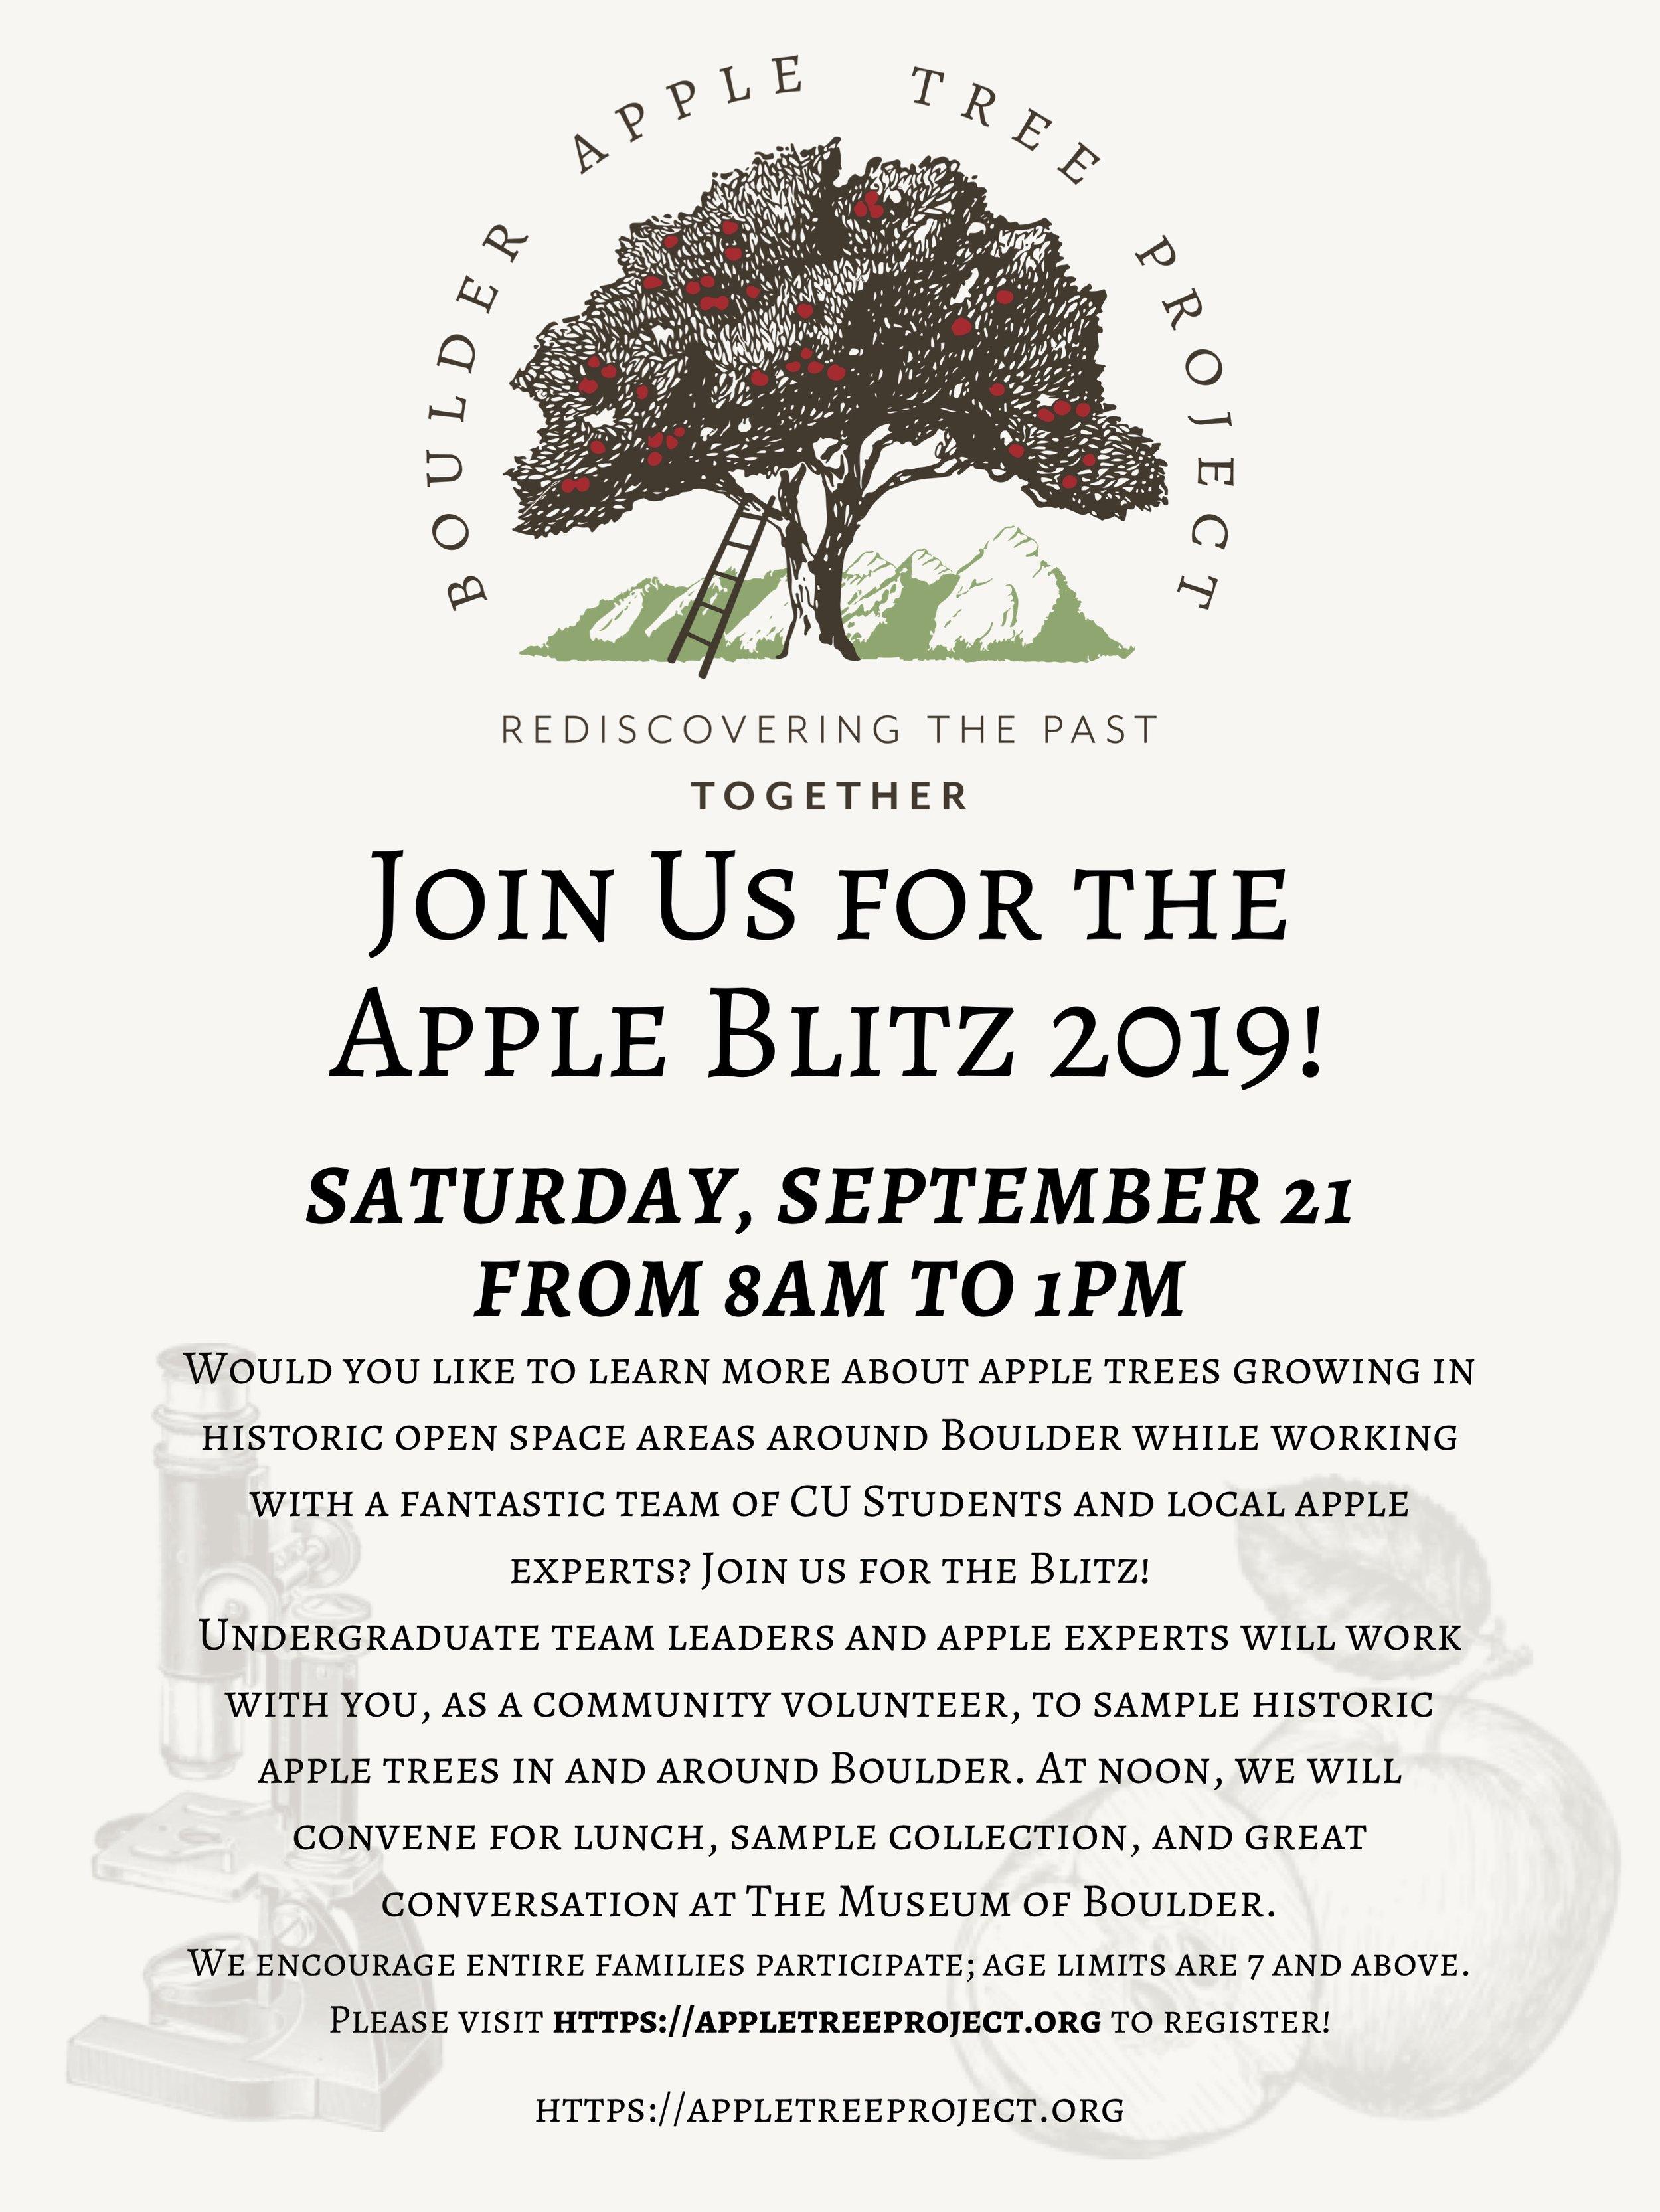 Join Us for the Apple Blitz 2019!-3.jpg